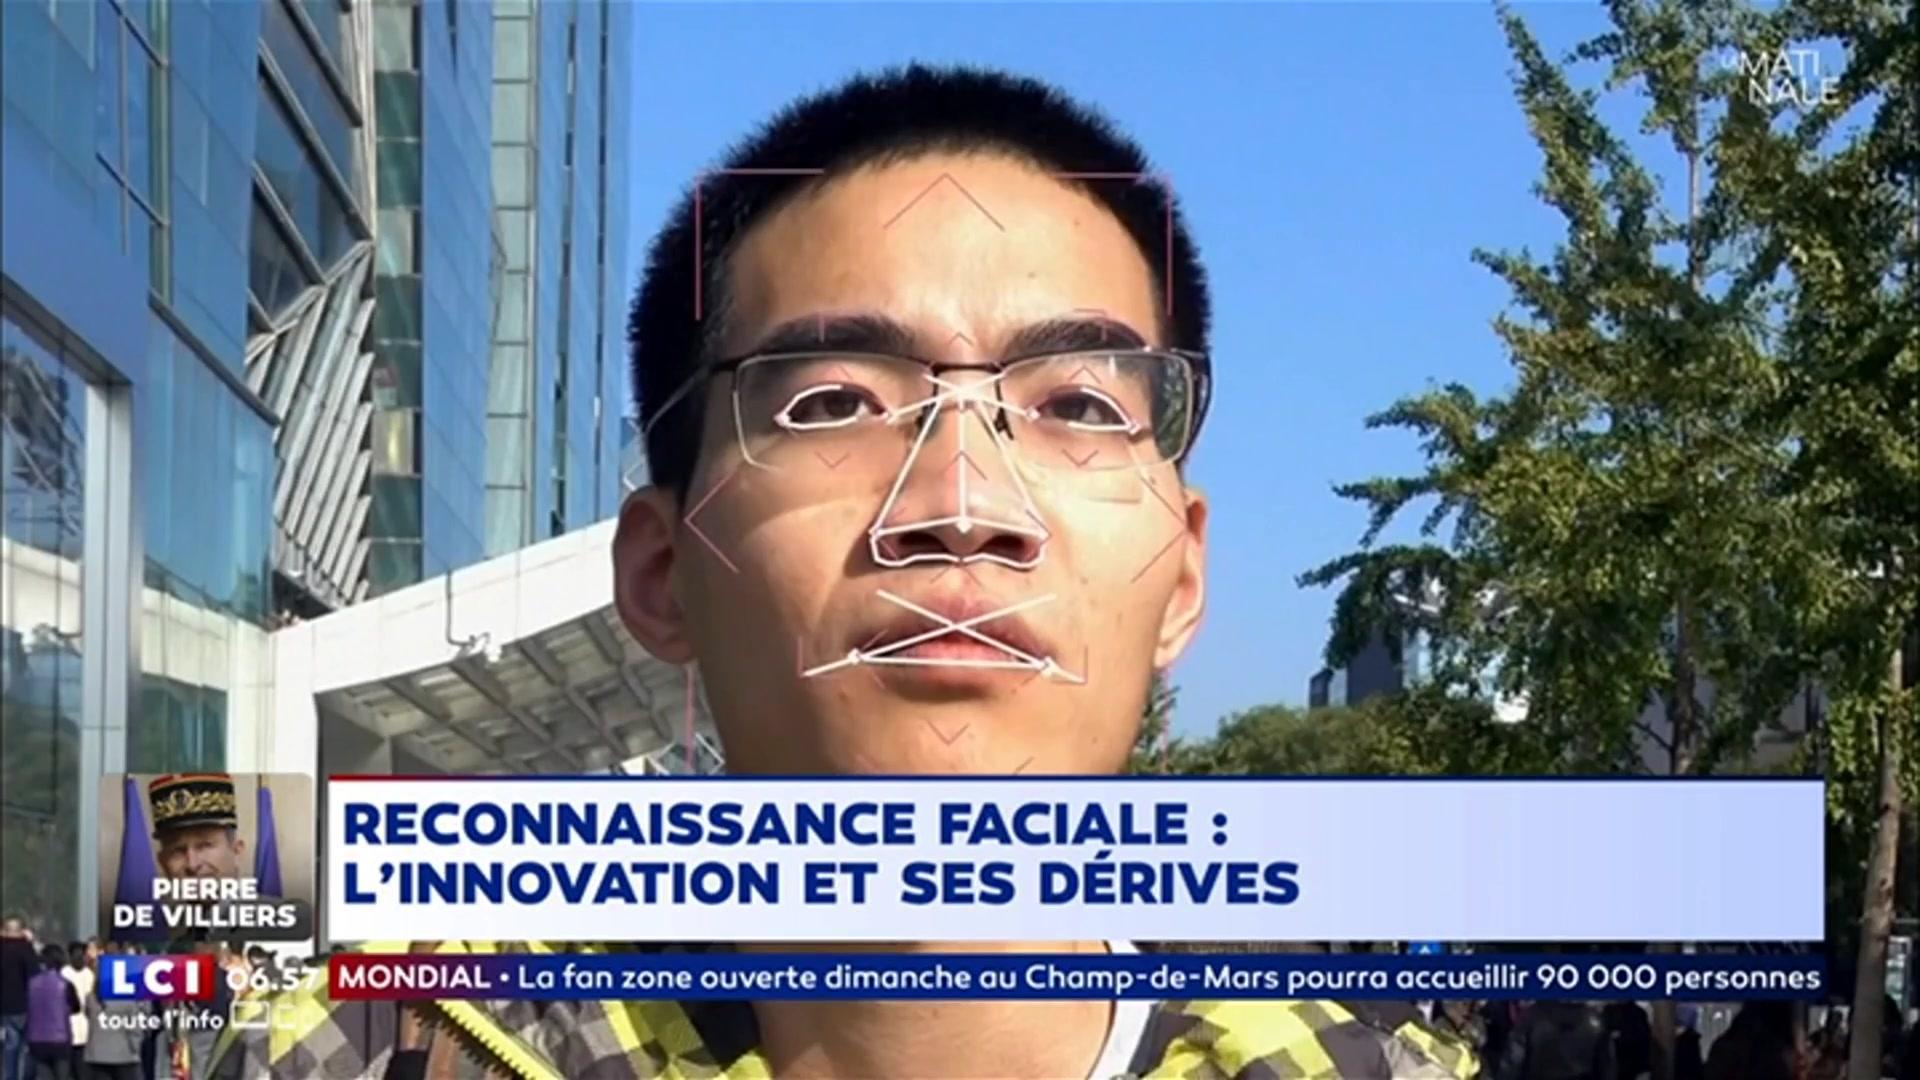 reconnaissance-faciale-l-innovation-et-ses-derives-